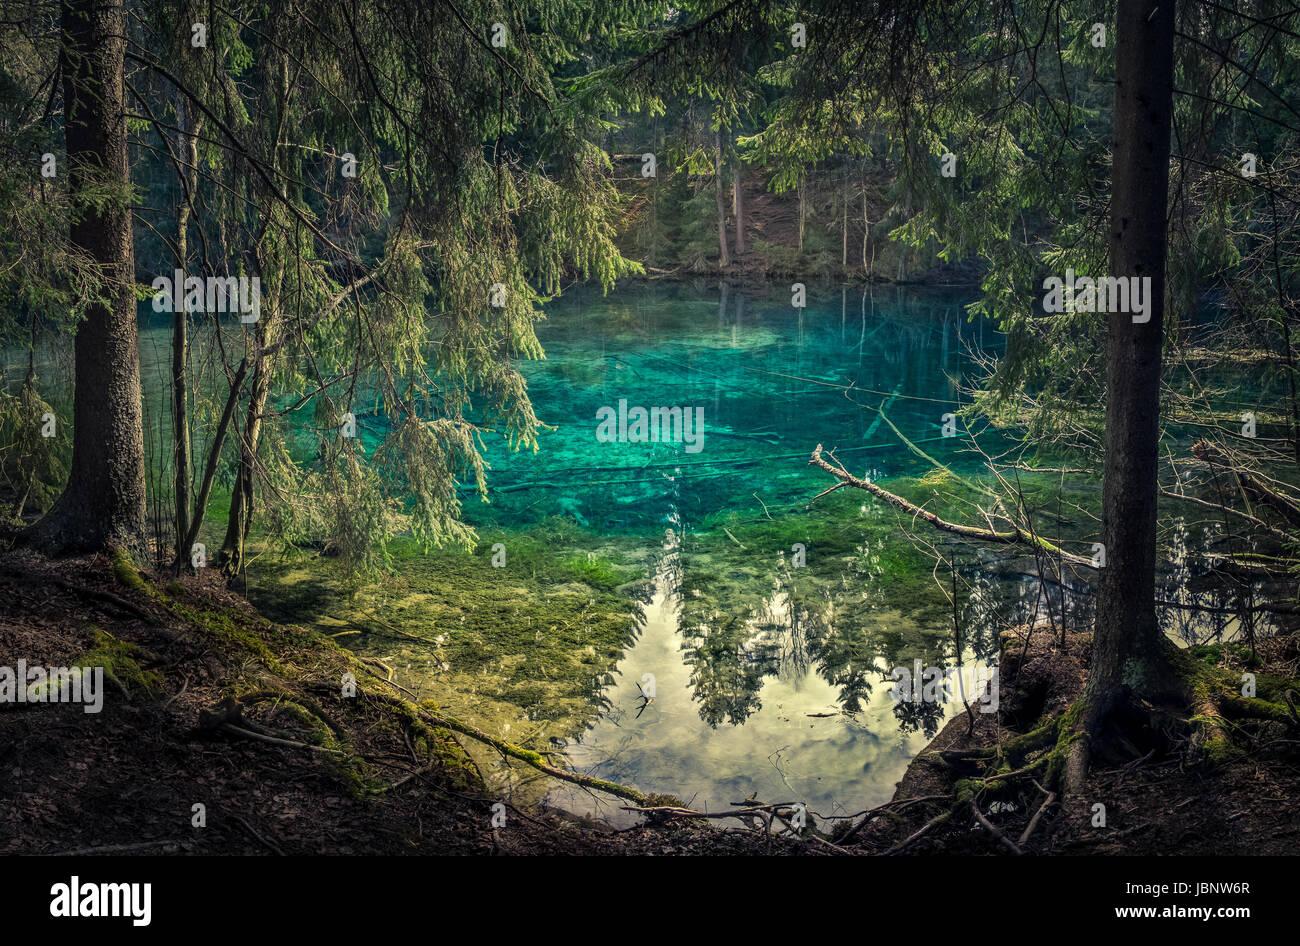 Primavera naturale nella Finlandia meridionale. L'acqua è così chiaro che si tratta di colore turchese. Immagini Stock